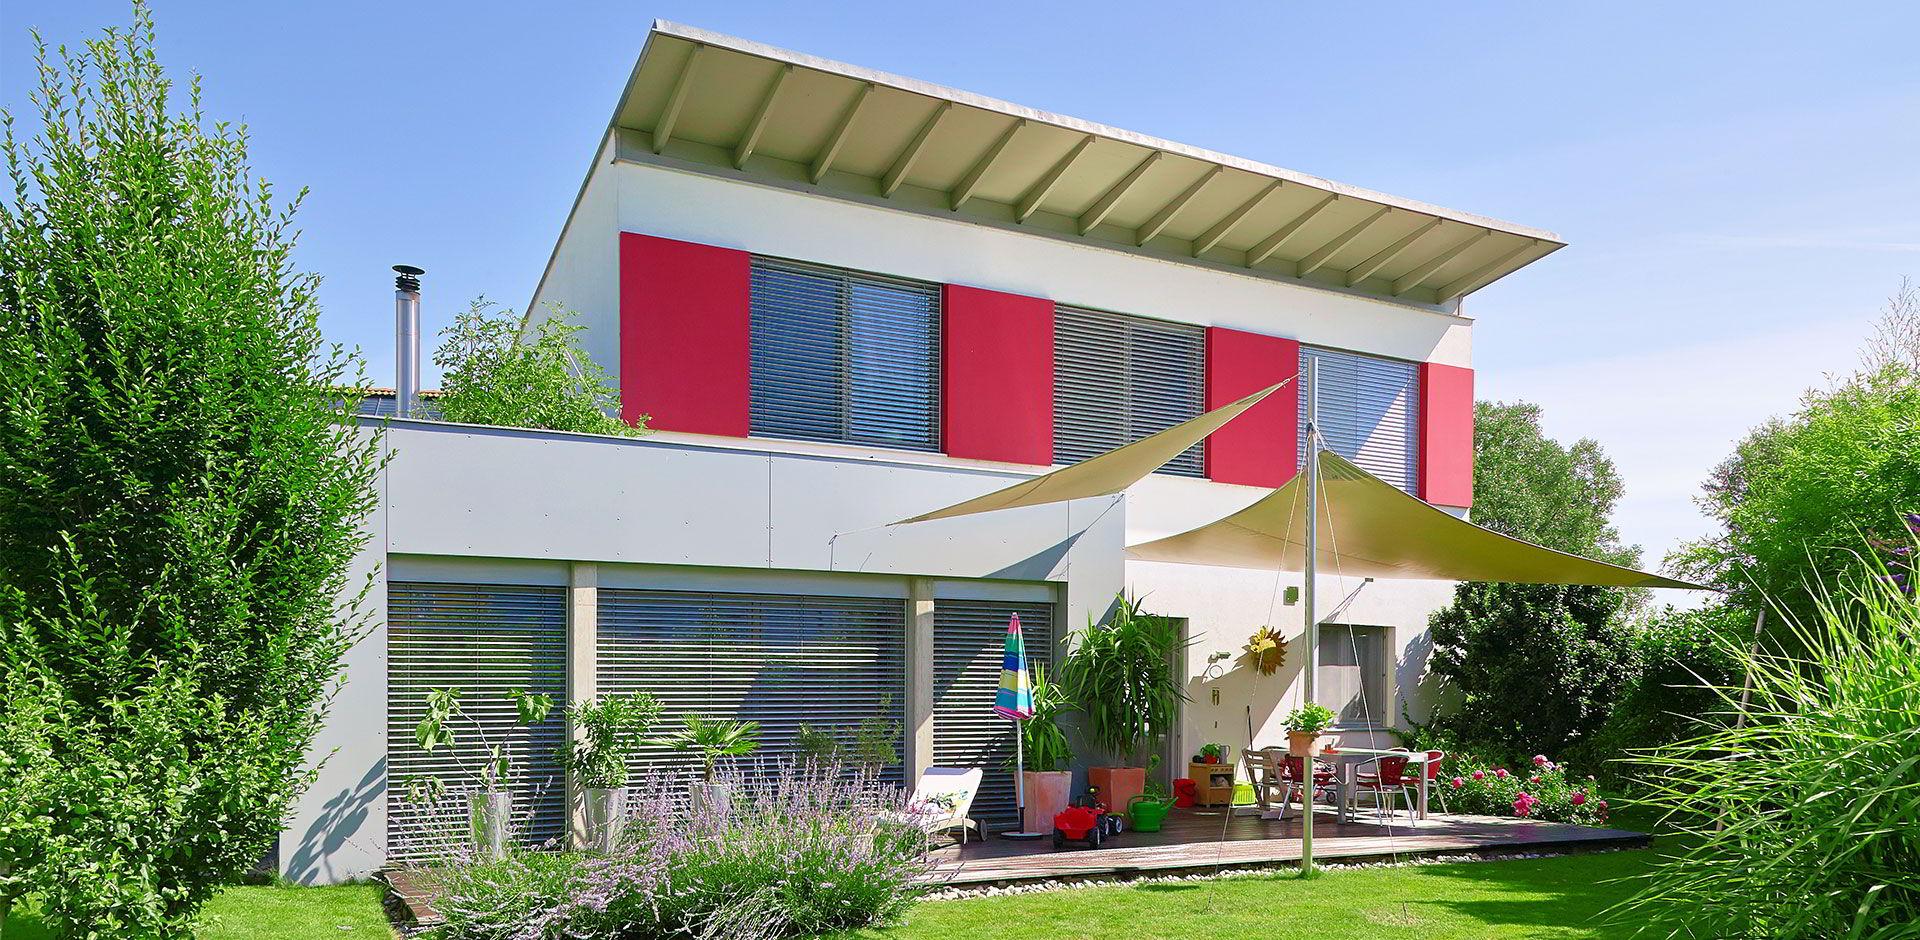 Maison moderne avec jardin verdoyant